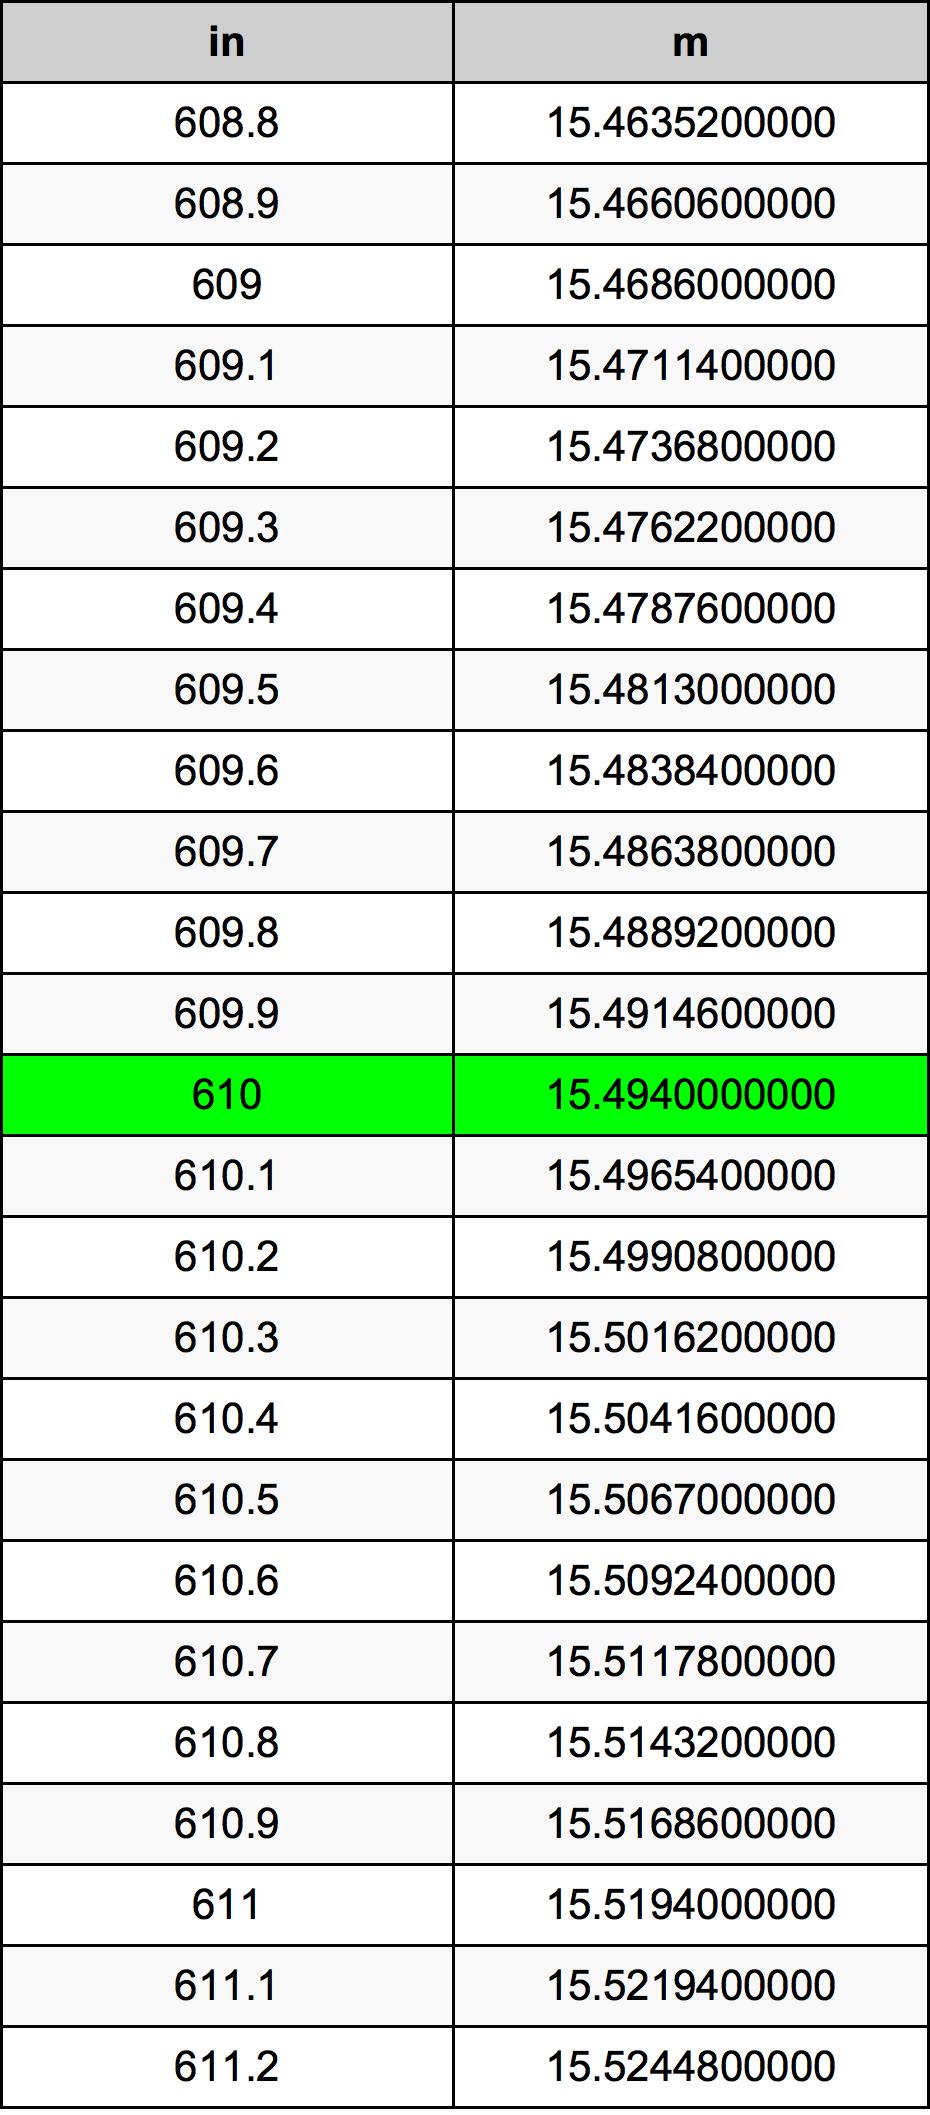 610 Țol tabelul de conversie